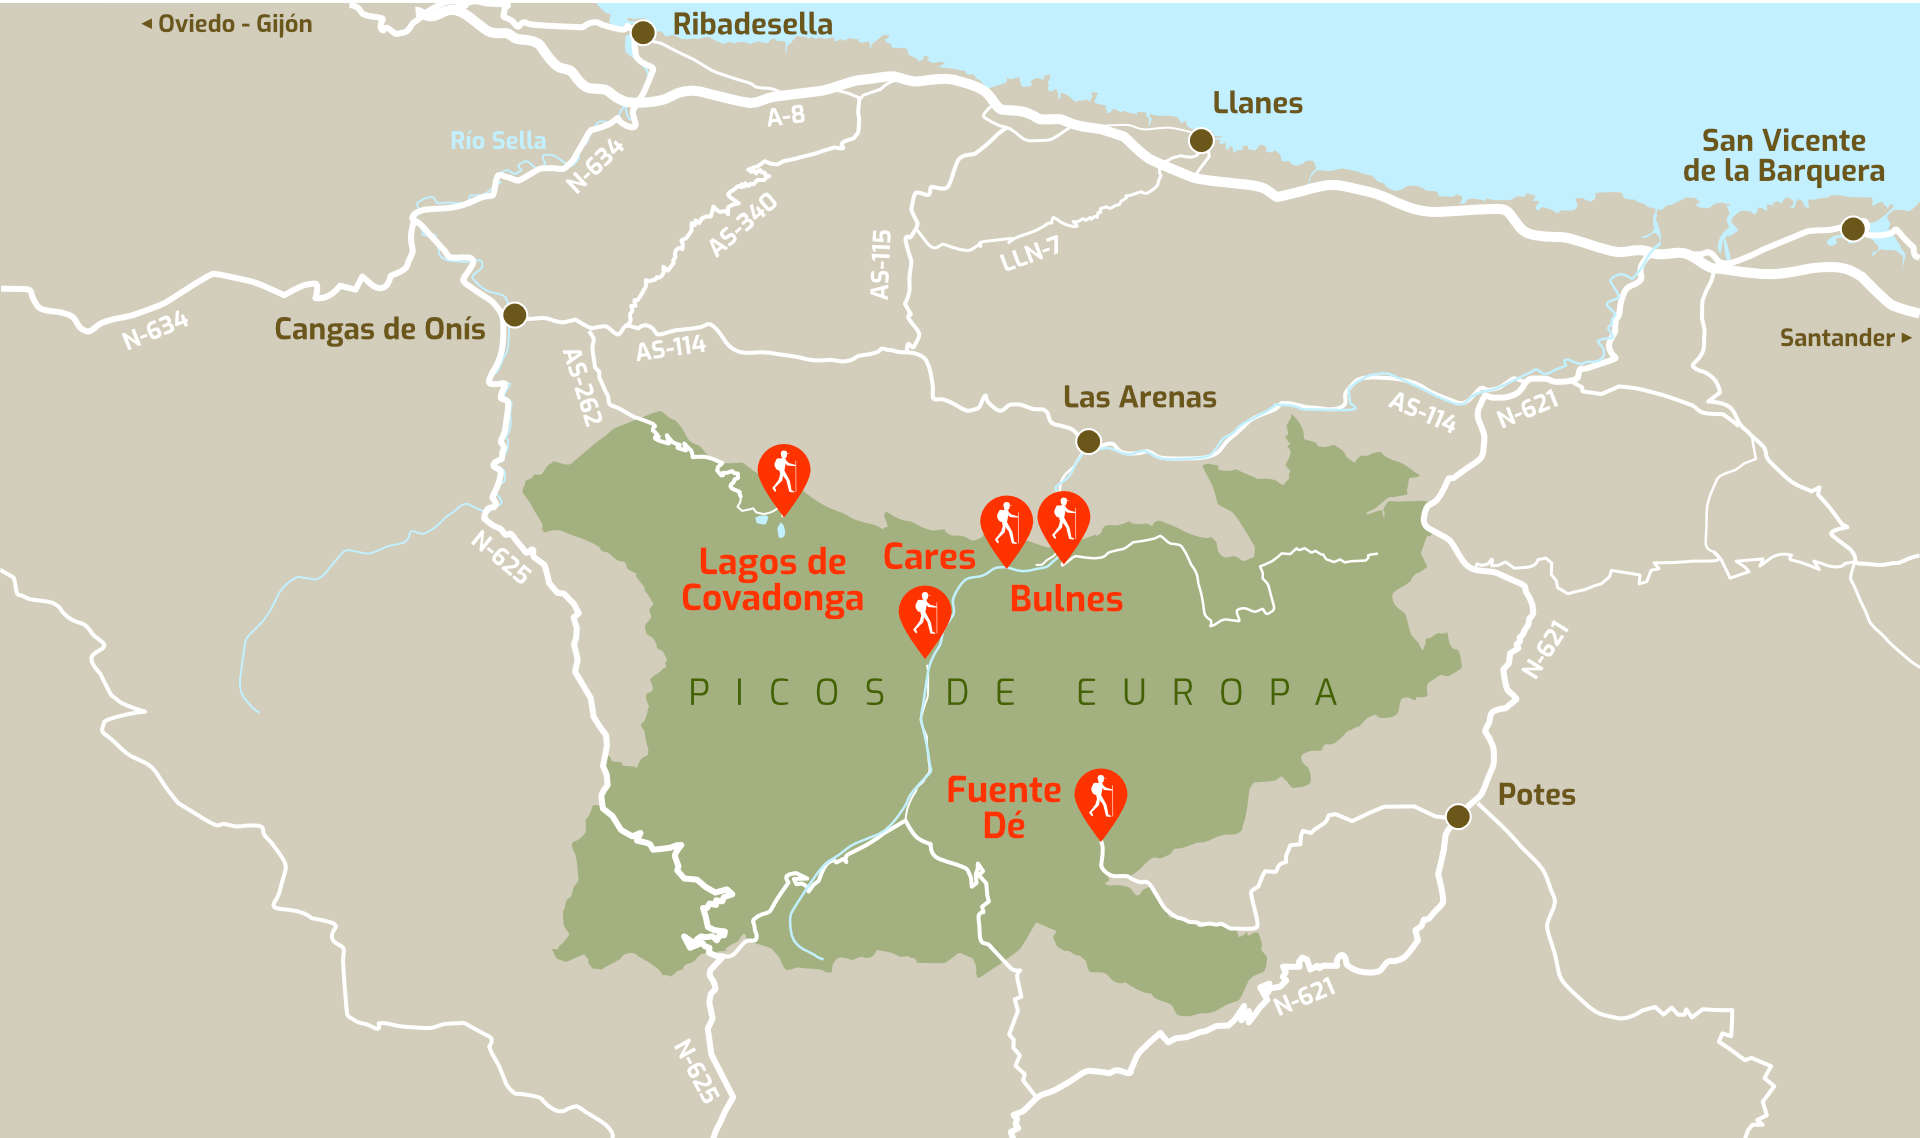 Mapa con las mejores rutas de senderismo en Picos de Europa (Asturias, Cantabria y León)